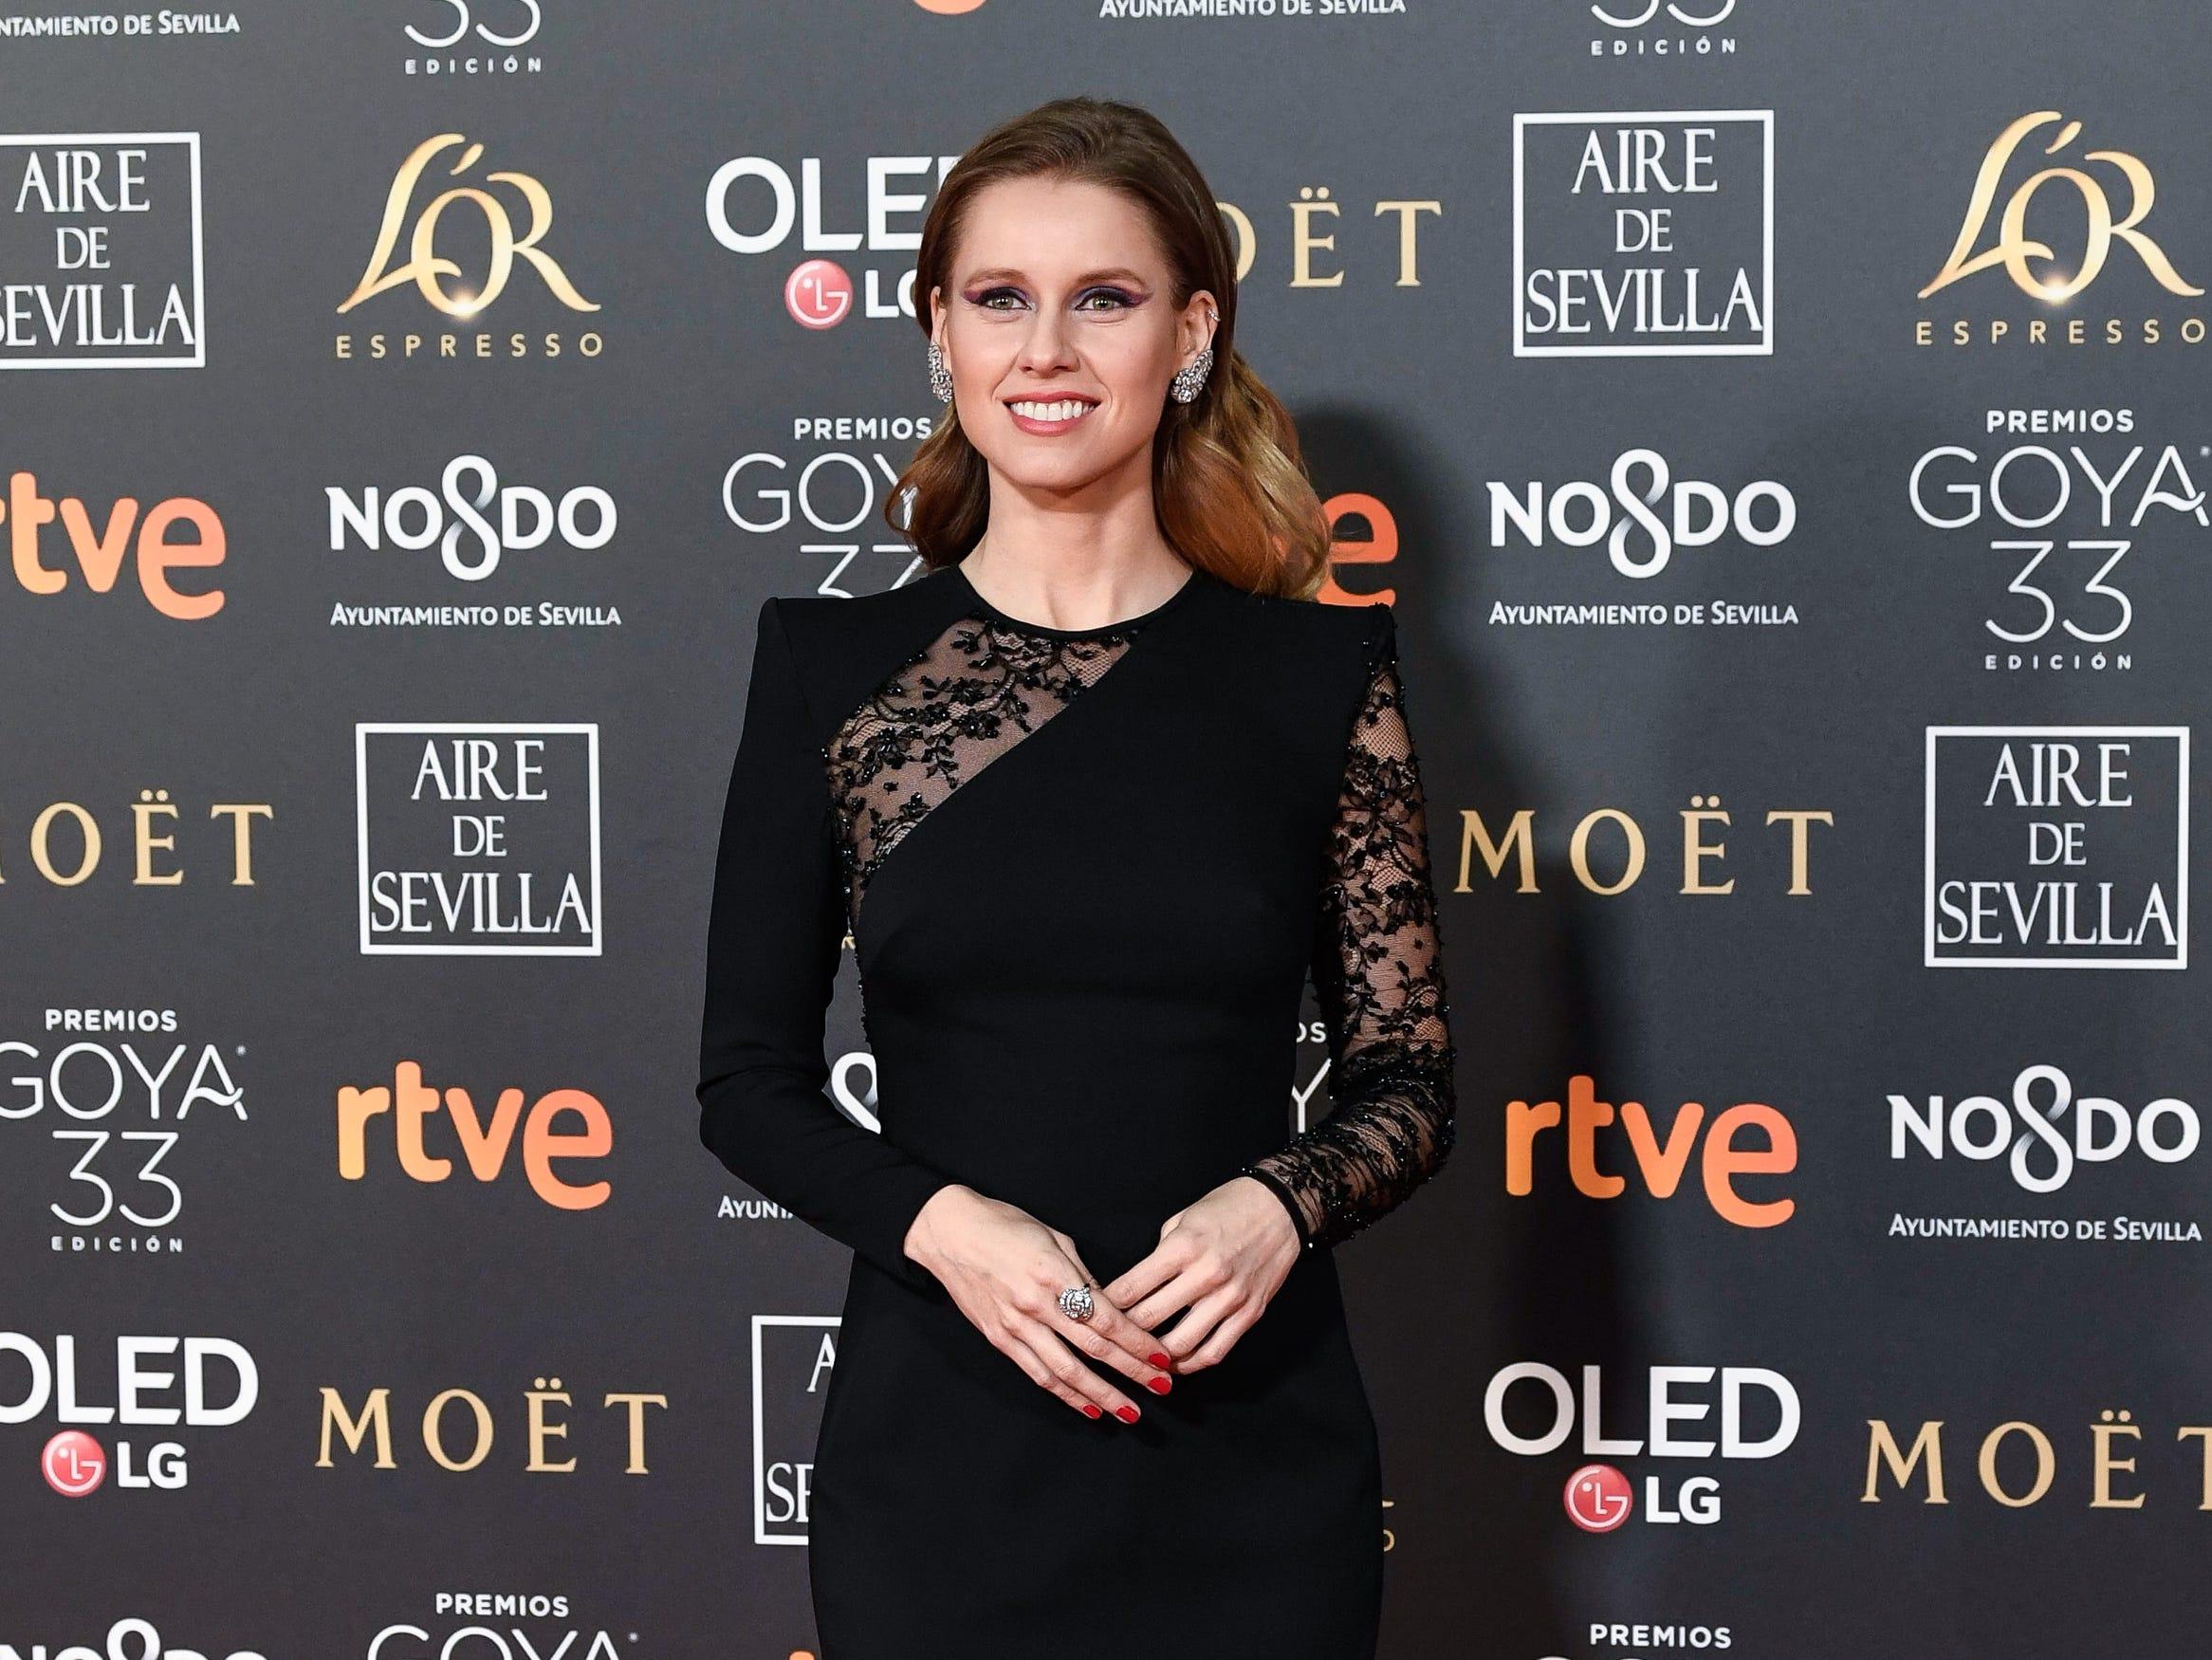 Manuela Velles asiste a la 33ª edición de los Premios de Cine Goya en el Palacio de Congresos y Exposiciones FIBES el 2 de febrero de 2019 en Sevilla, España.